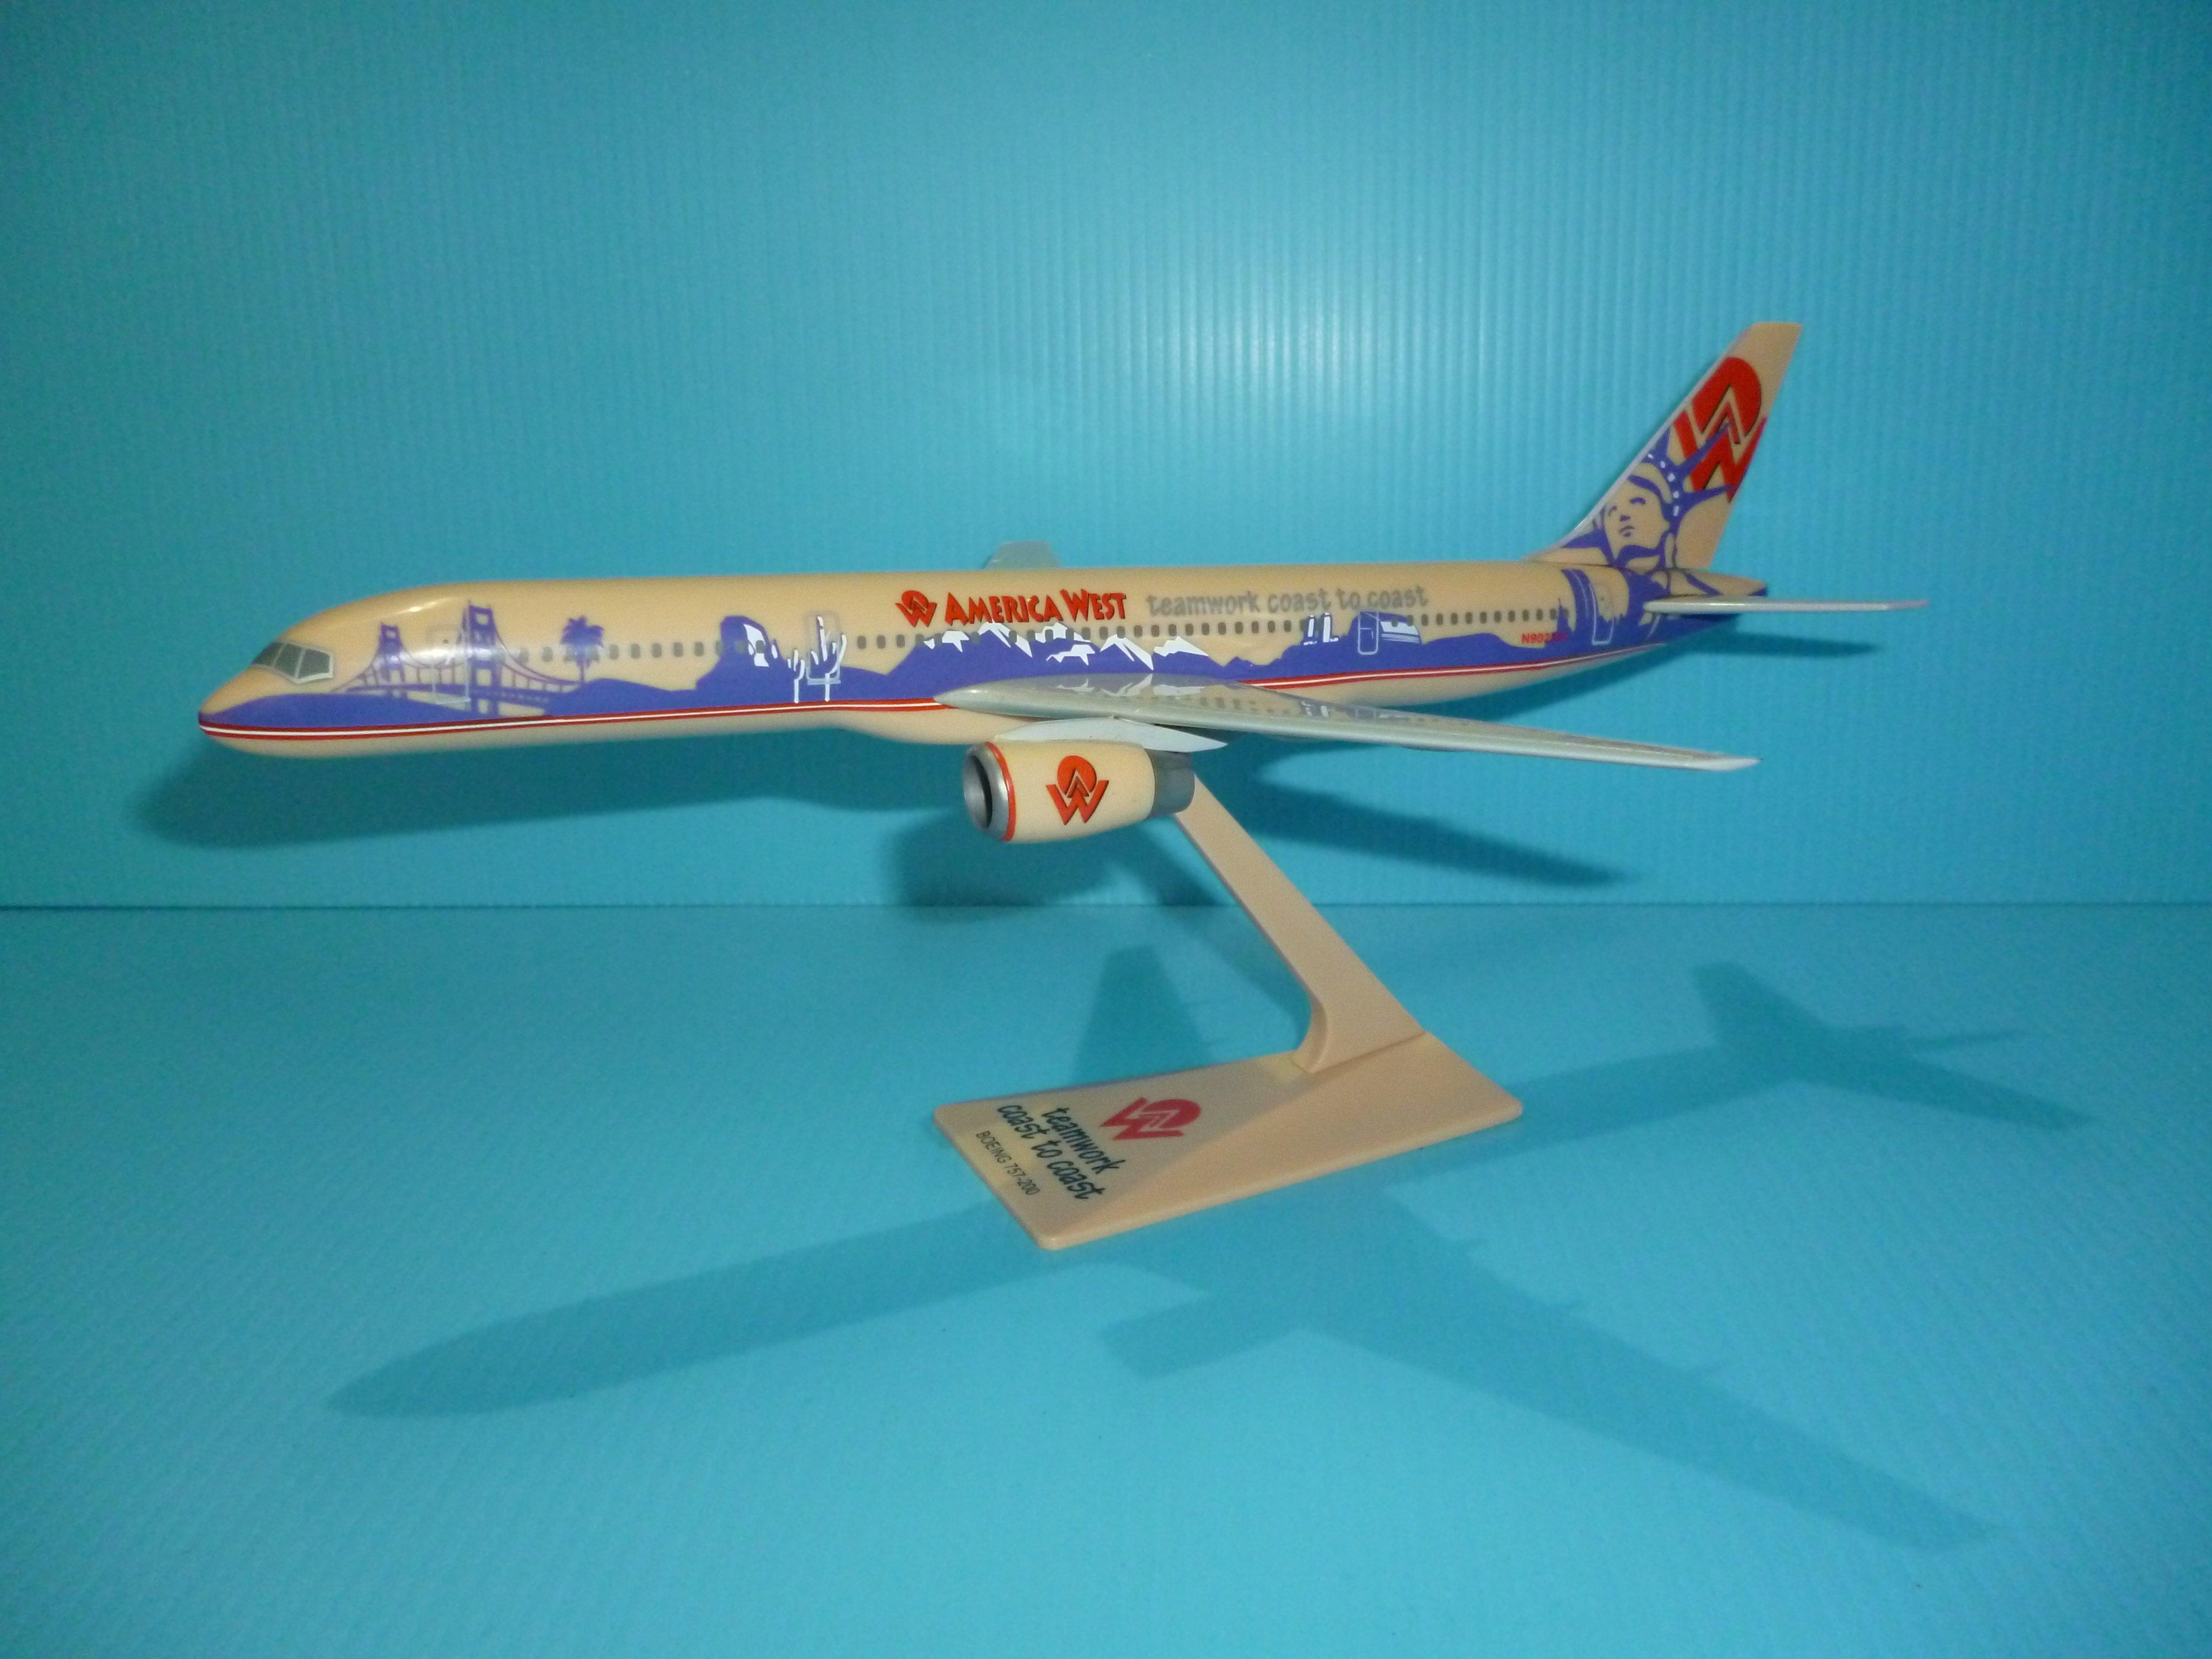 珍上飛模型飛機:B757-200 (1:200)america west teamwork co(編號:B757254)